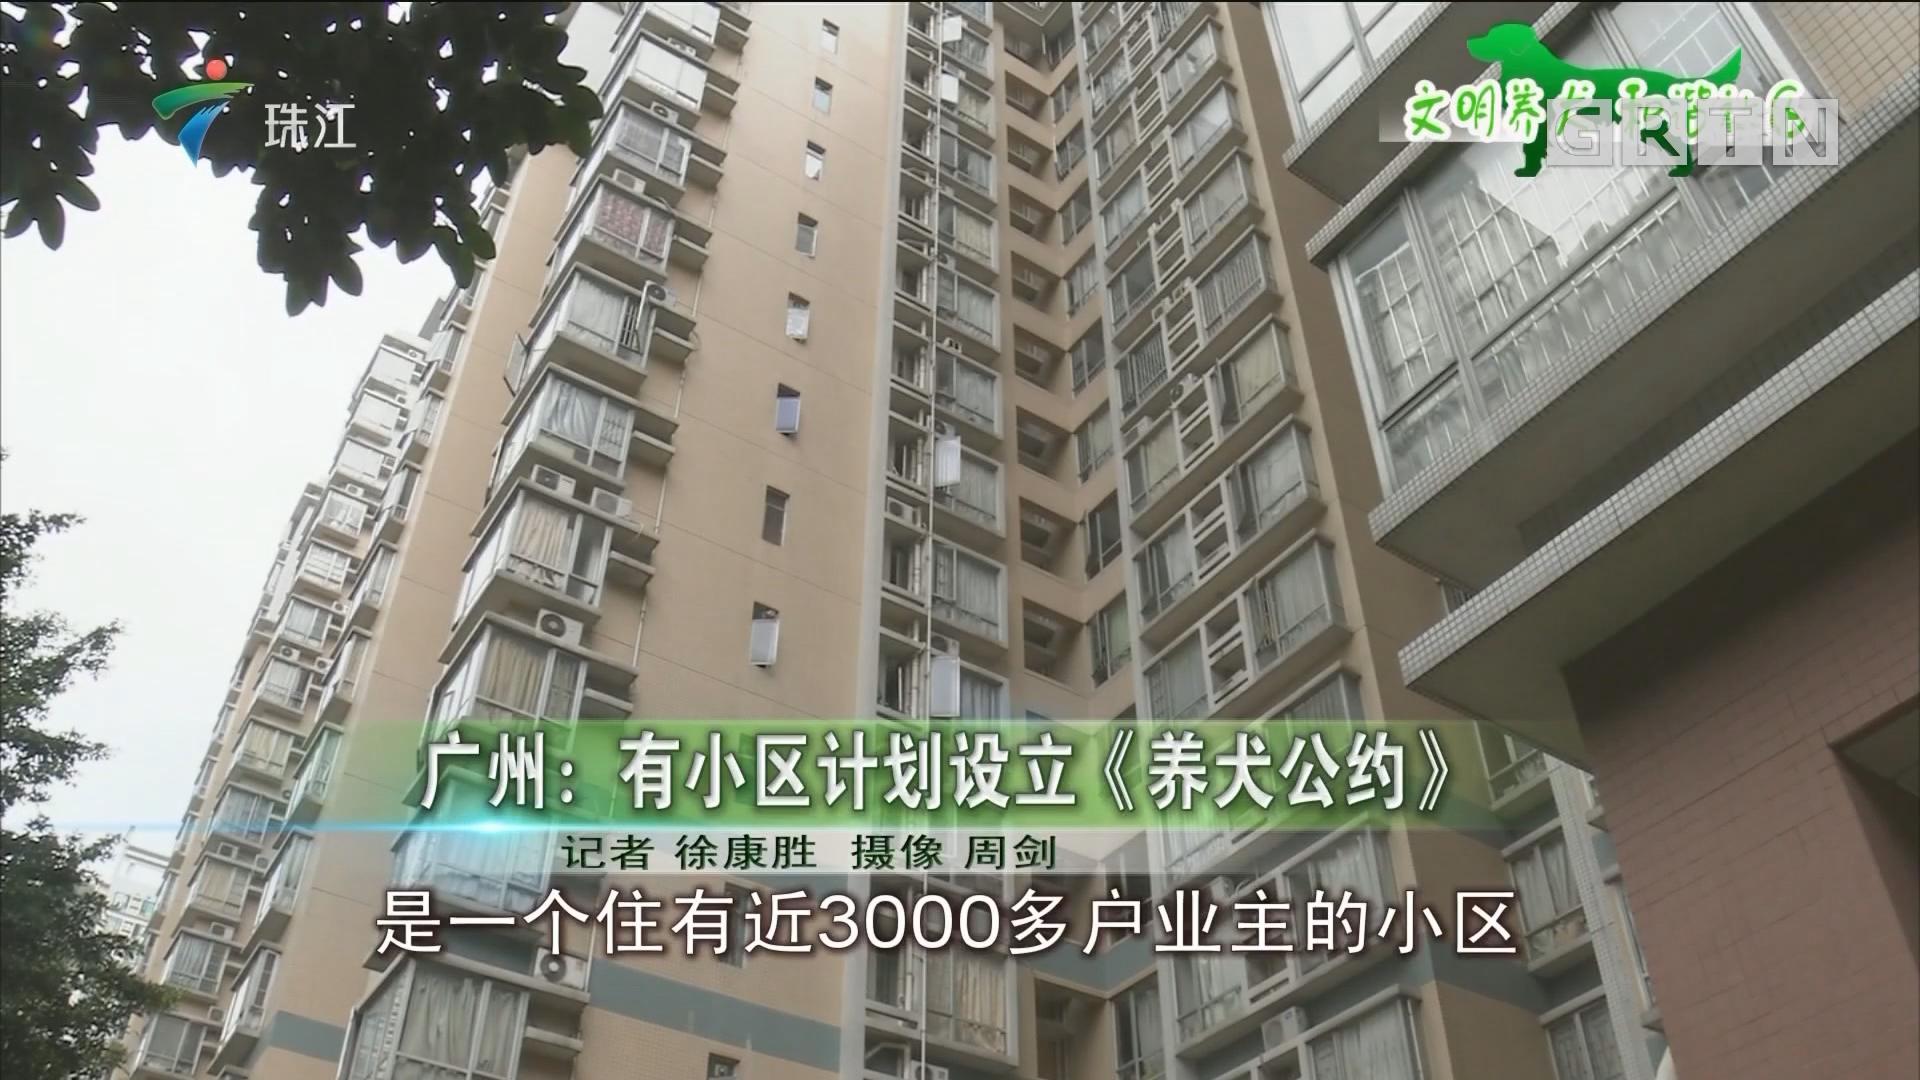 广州:有小区计划设立《养犬公约》